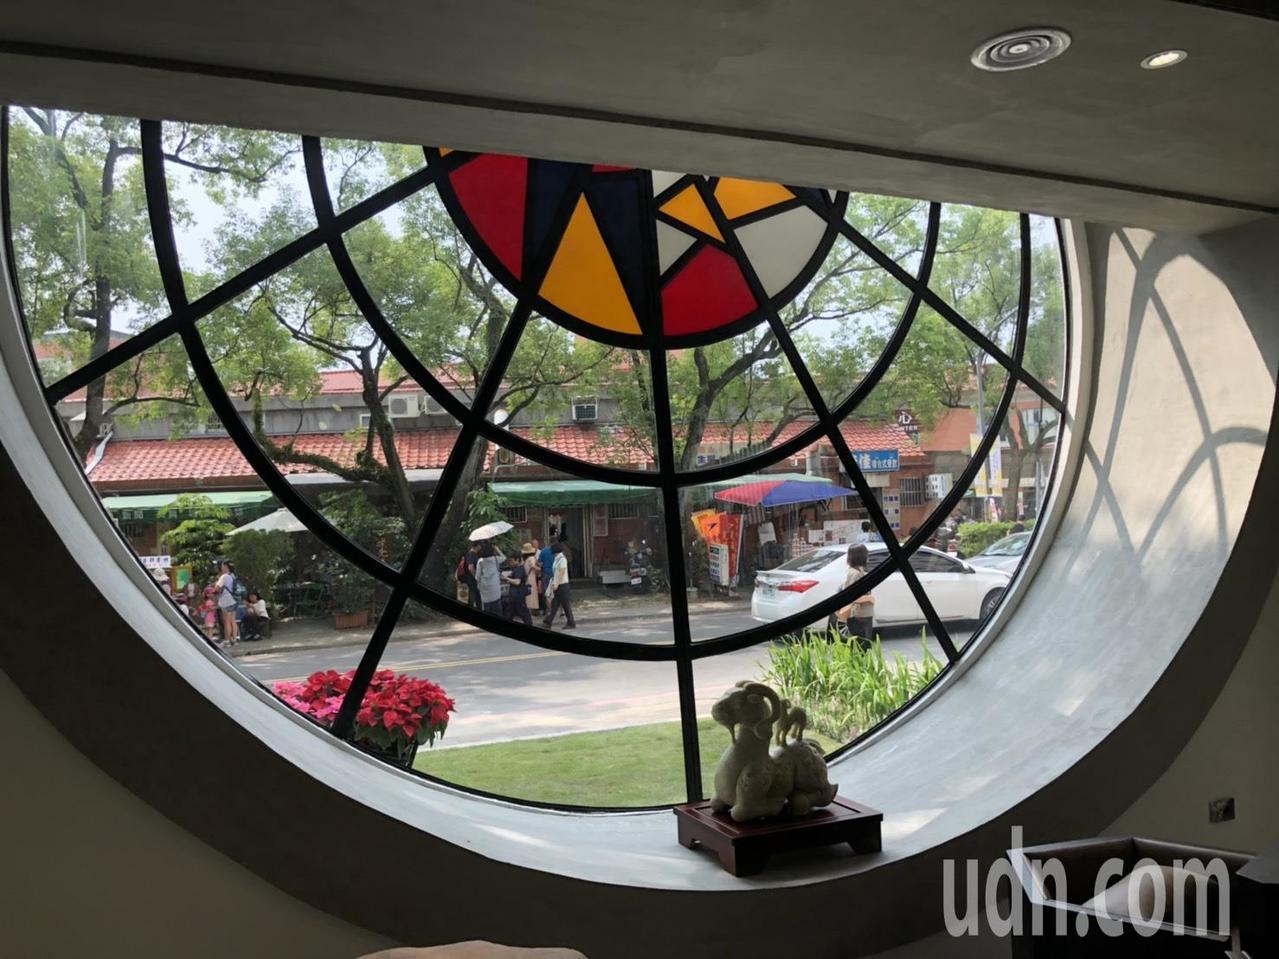 修澤蘭設計的圓形玻璃窗室內原本被封閉,這次整修後,恢復原貌。記者江良誠/攝影